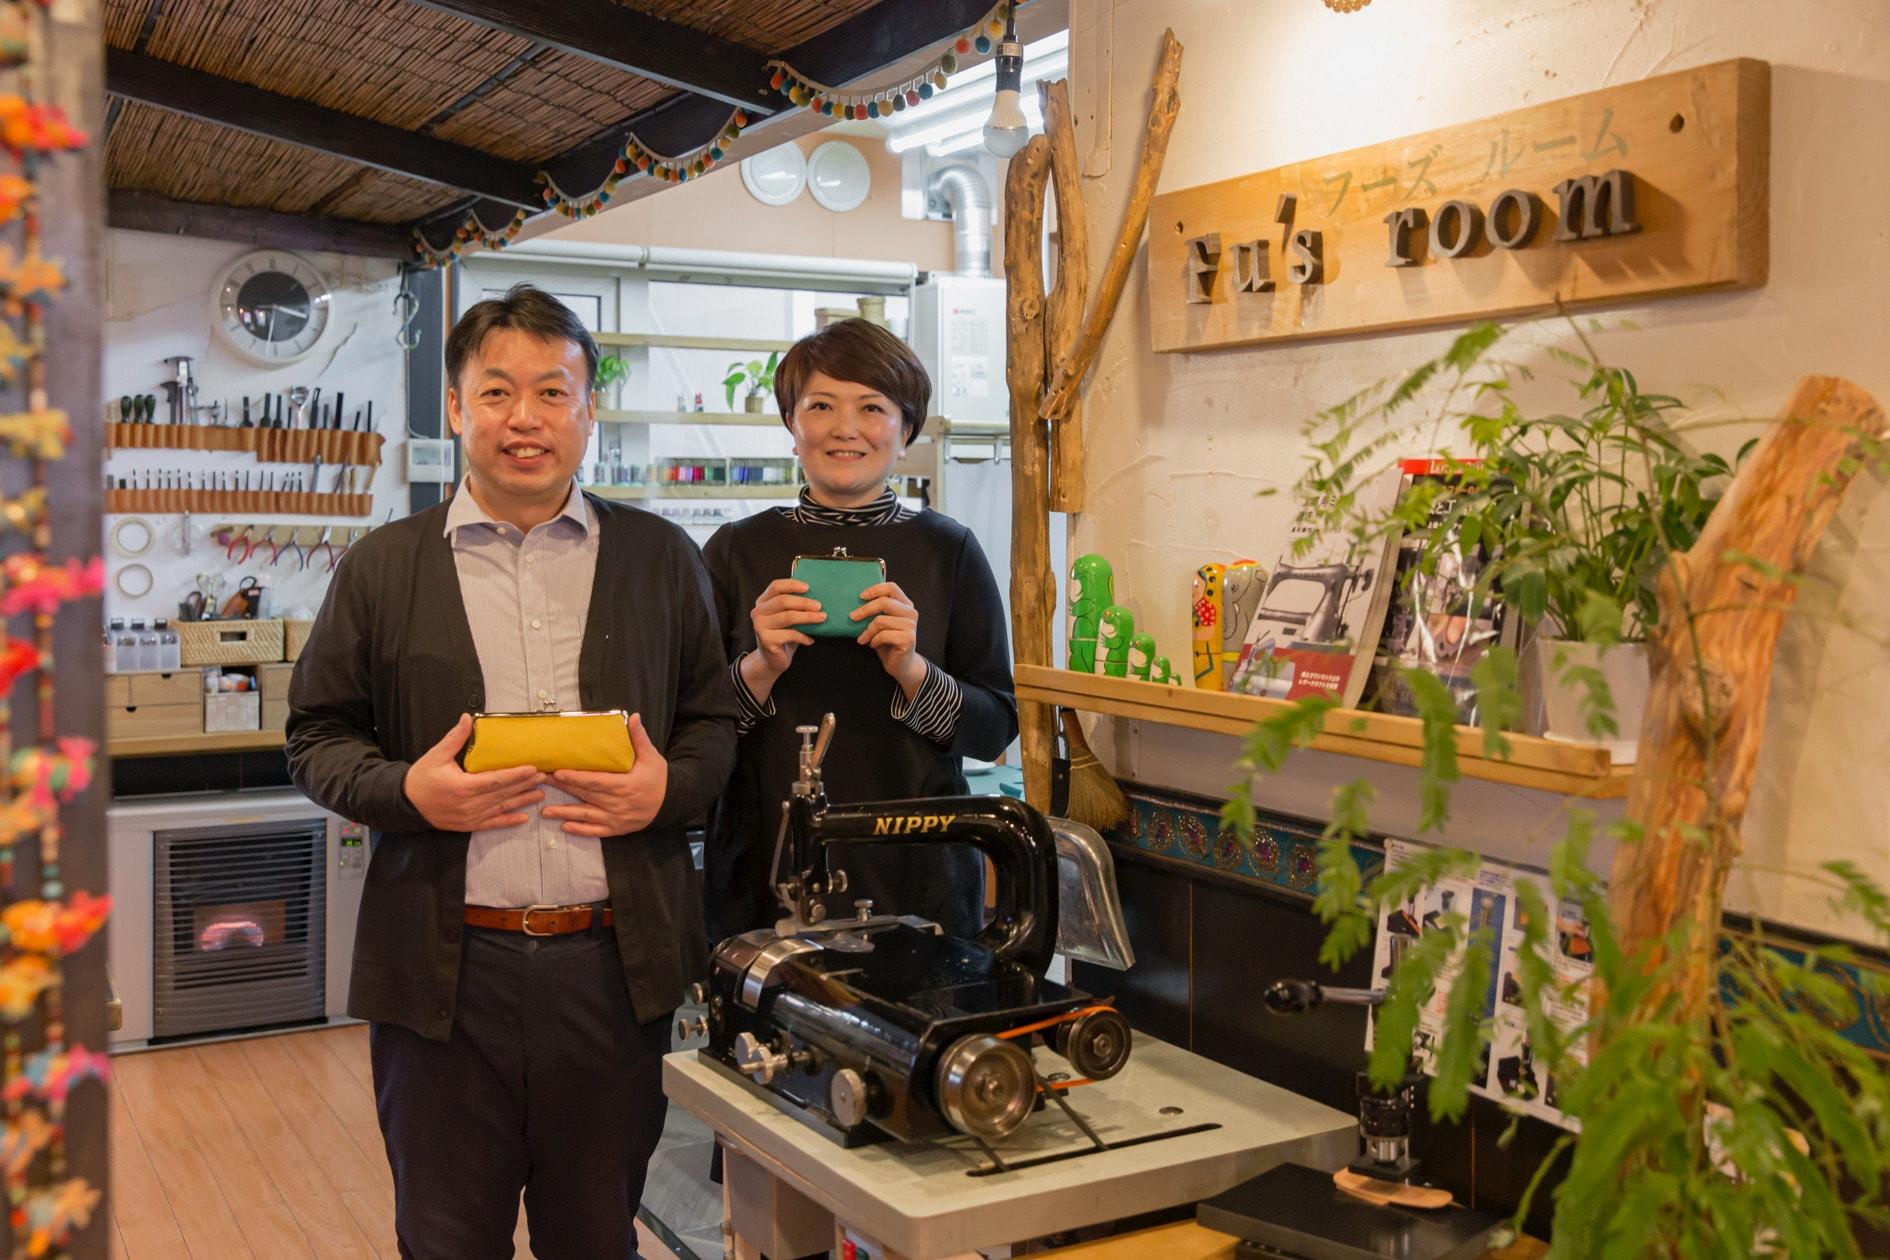 北海道札幌市で道産羊革のハンドメイド雑貨の製造・販売をしているFu's room,サフォークレザーのがま口を手に持つ藤崎さん